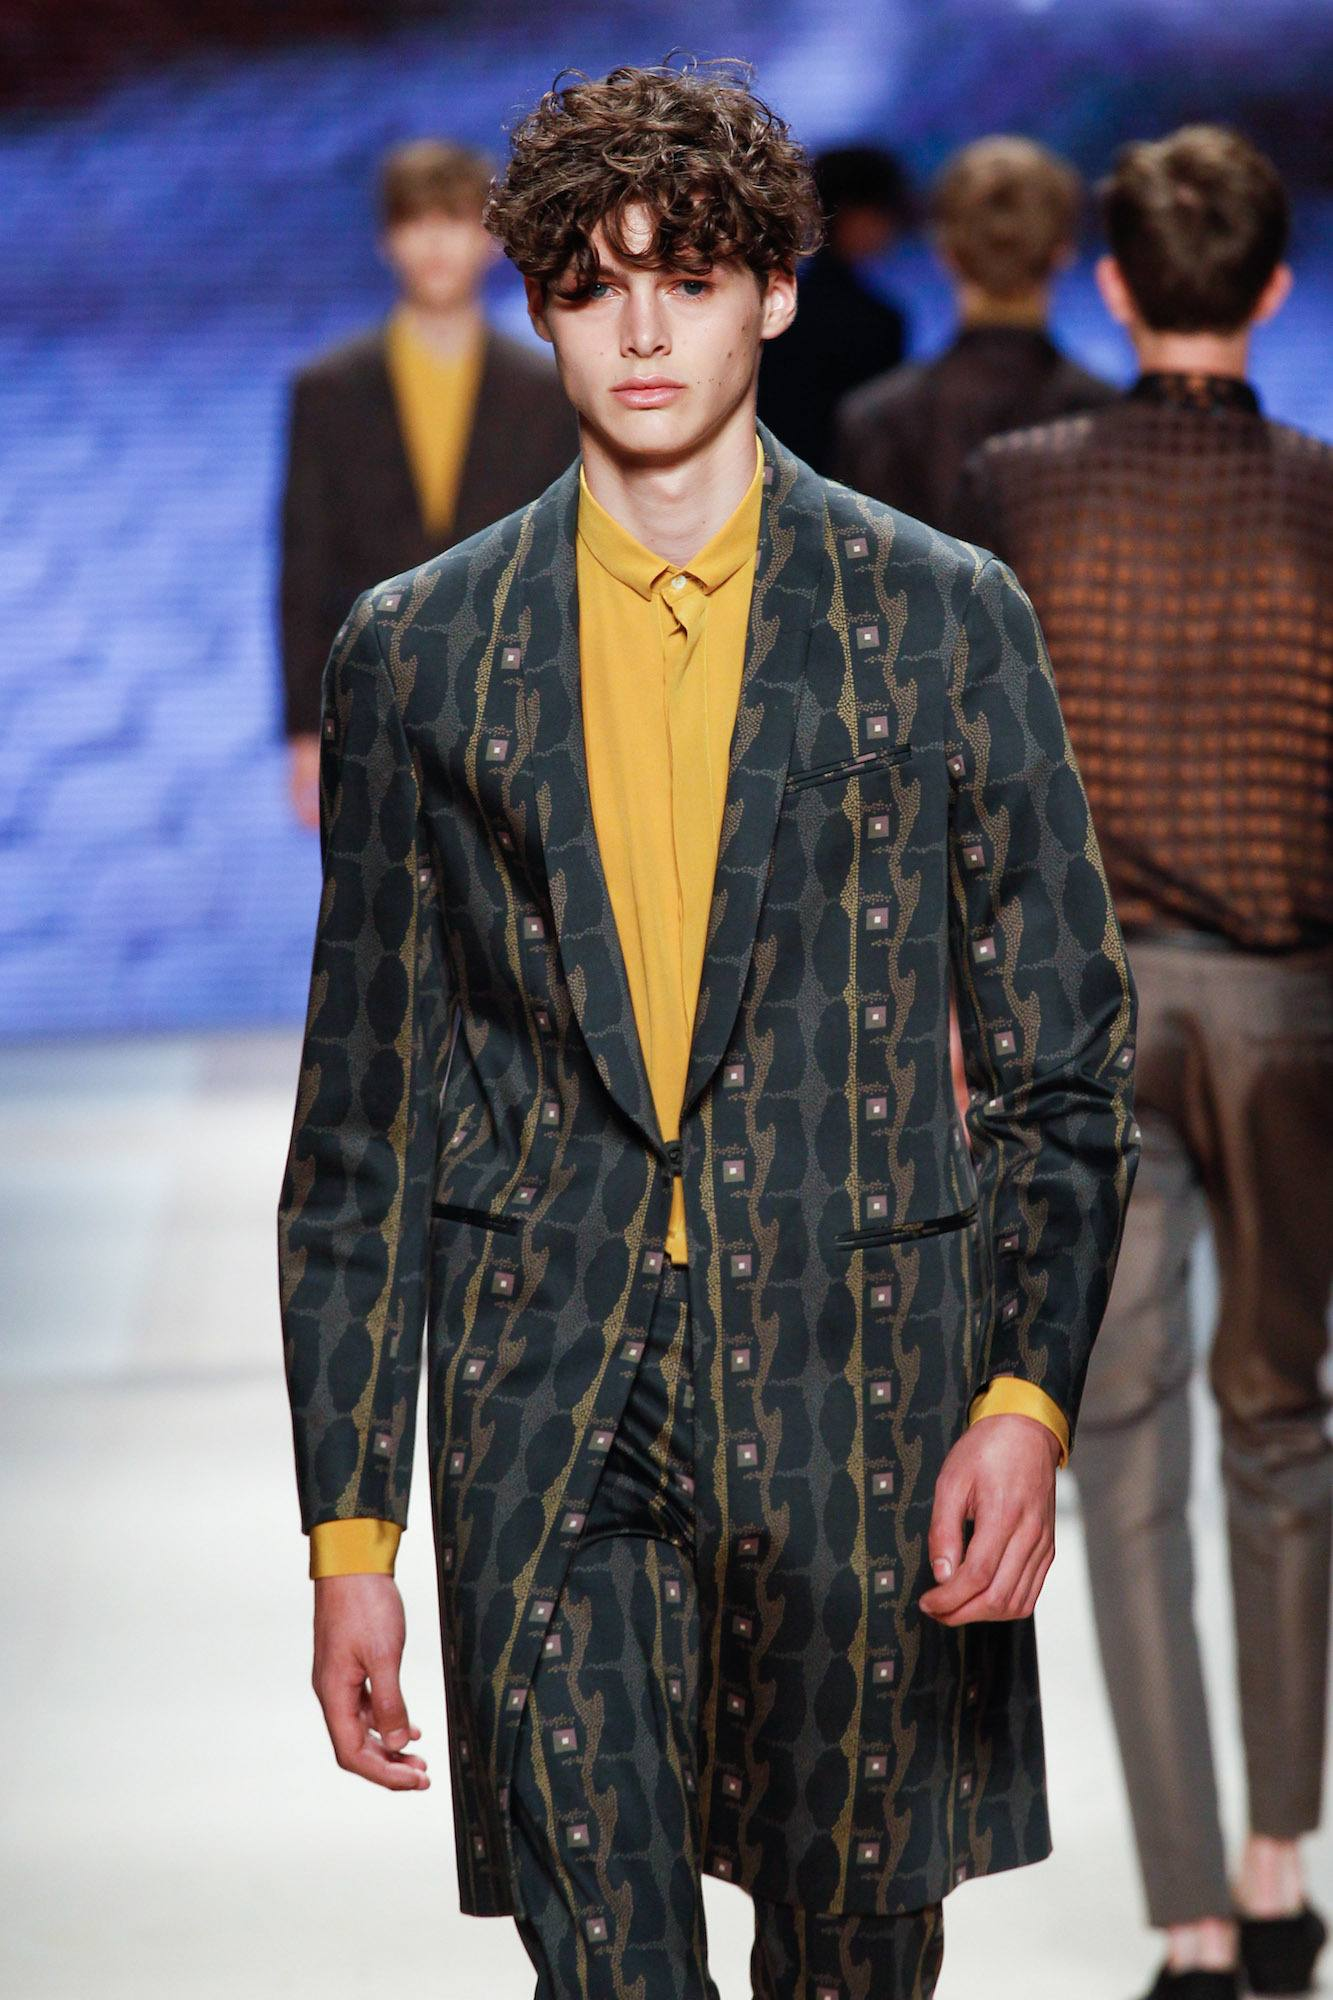 Model rambut pria terbaru 2018 wavy crop bergelombang.